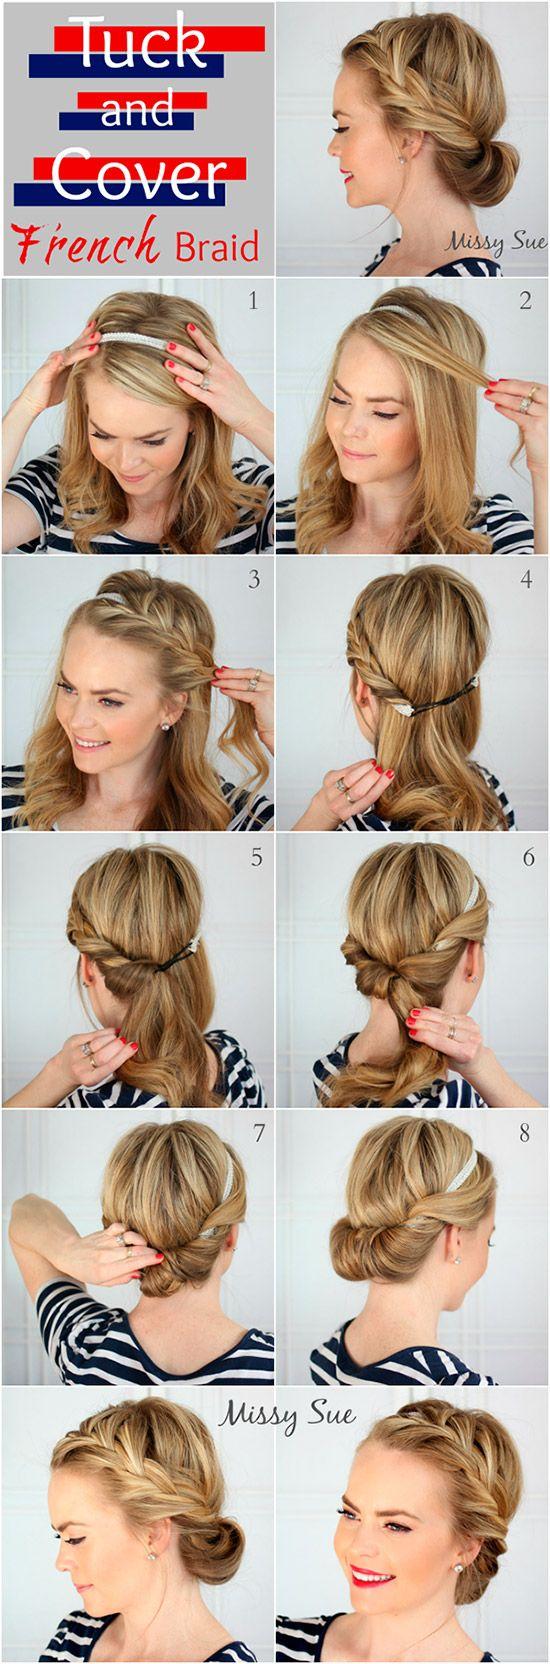 Tutorial peinado recogido con trenza francesa | 7 Tutoriales de peinados fáciles cabello largo-mediano | El Blog de una novia